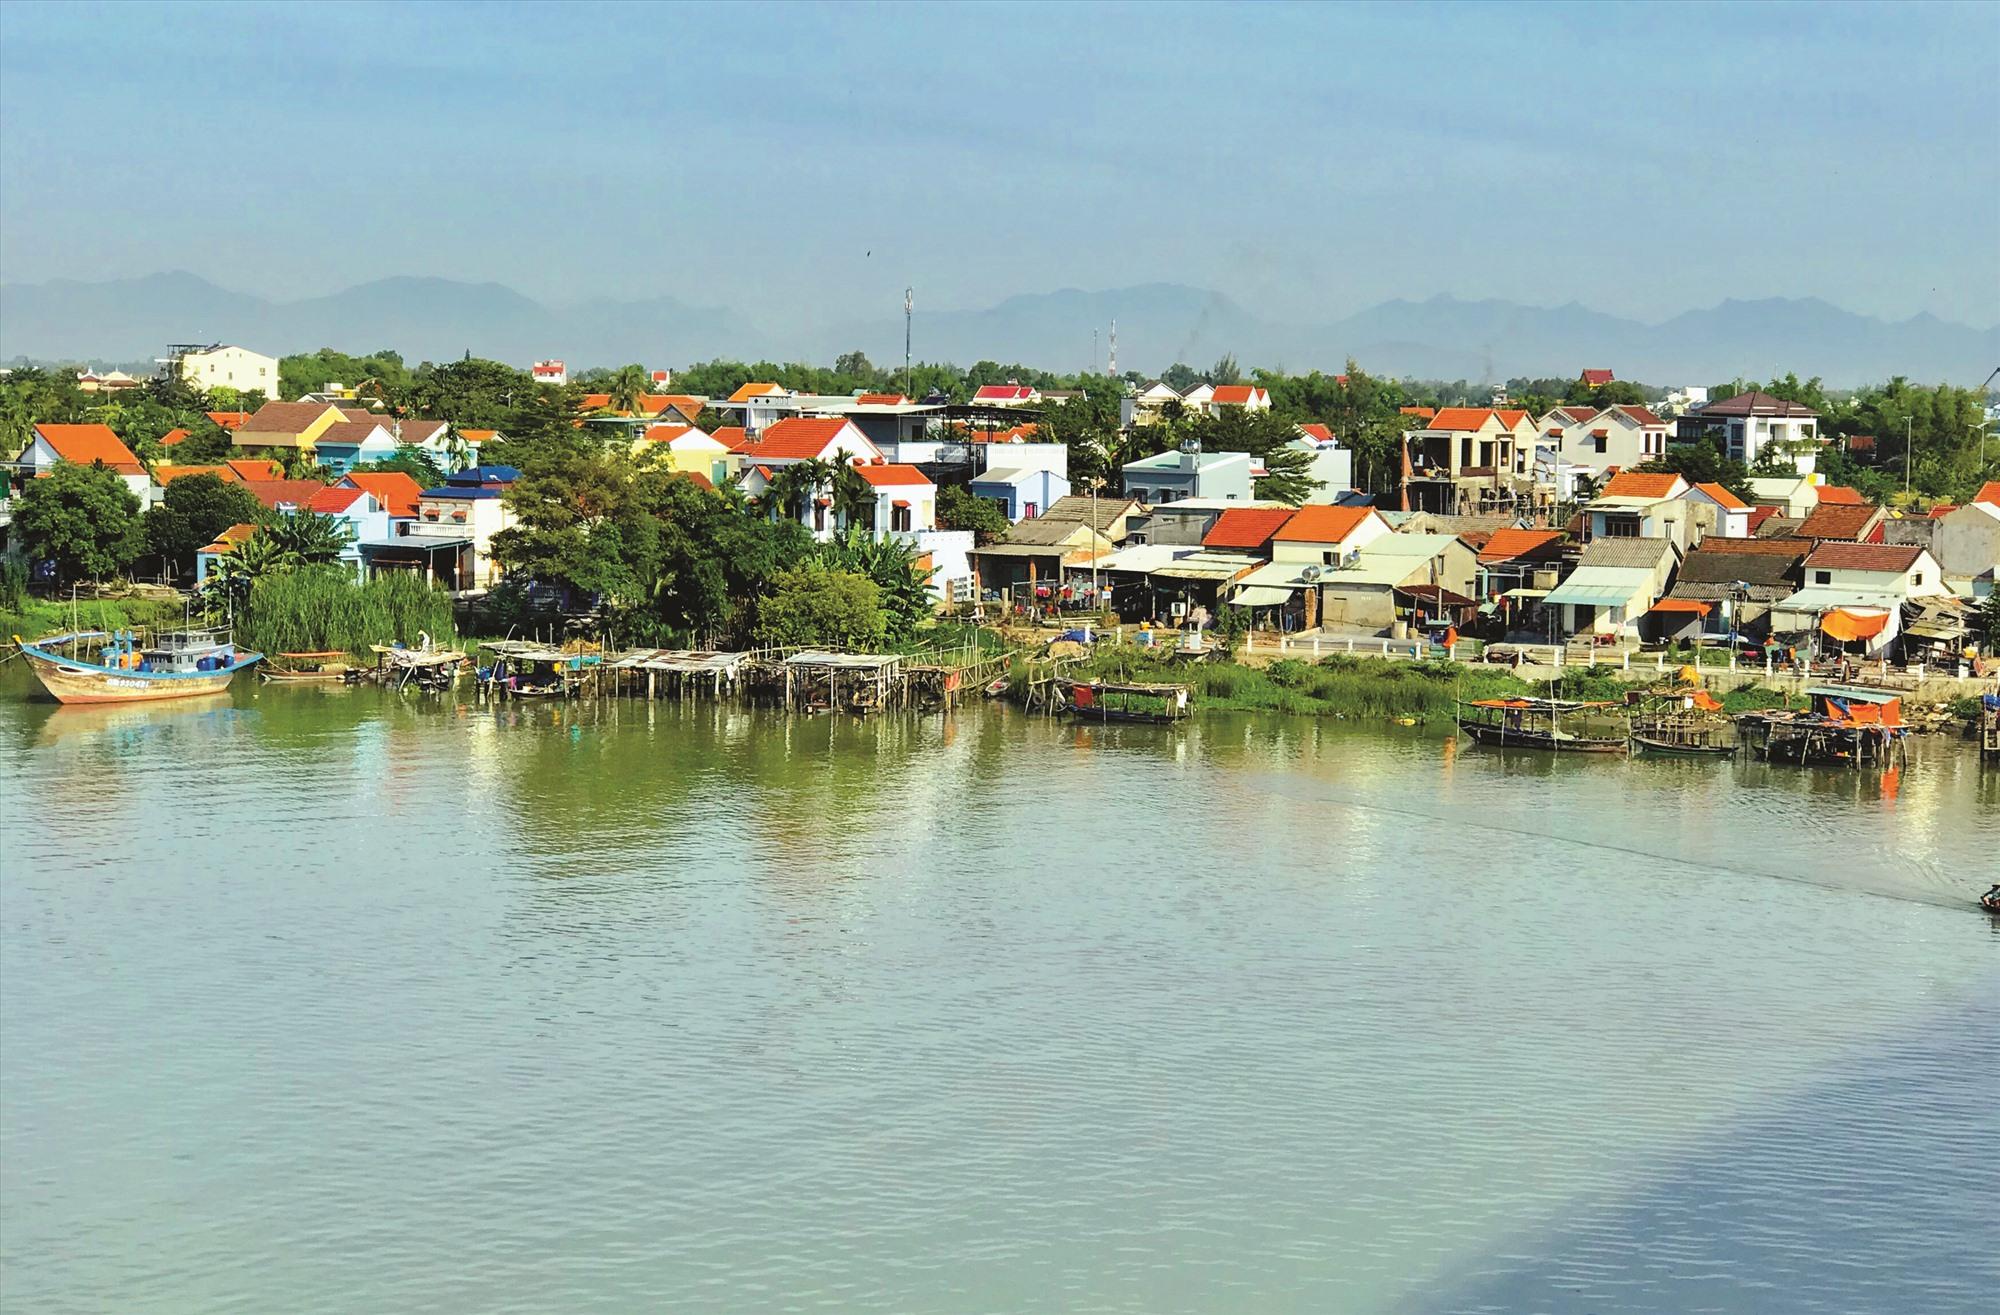 Làng gốm Thanh Hà nhìn từ cầu Cẩm Kim. Ảnh: Q.T